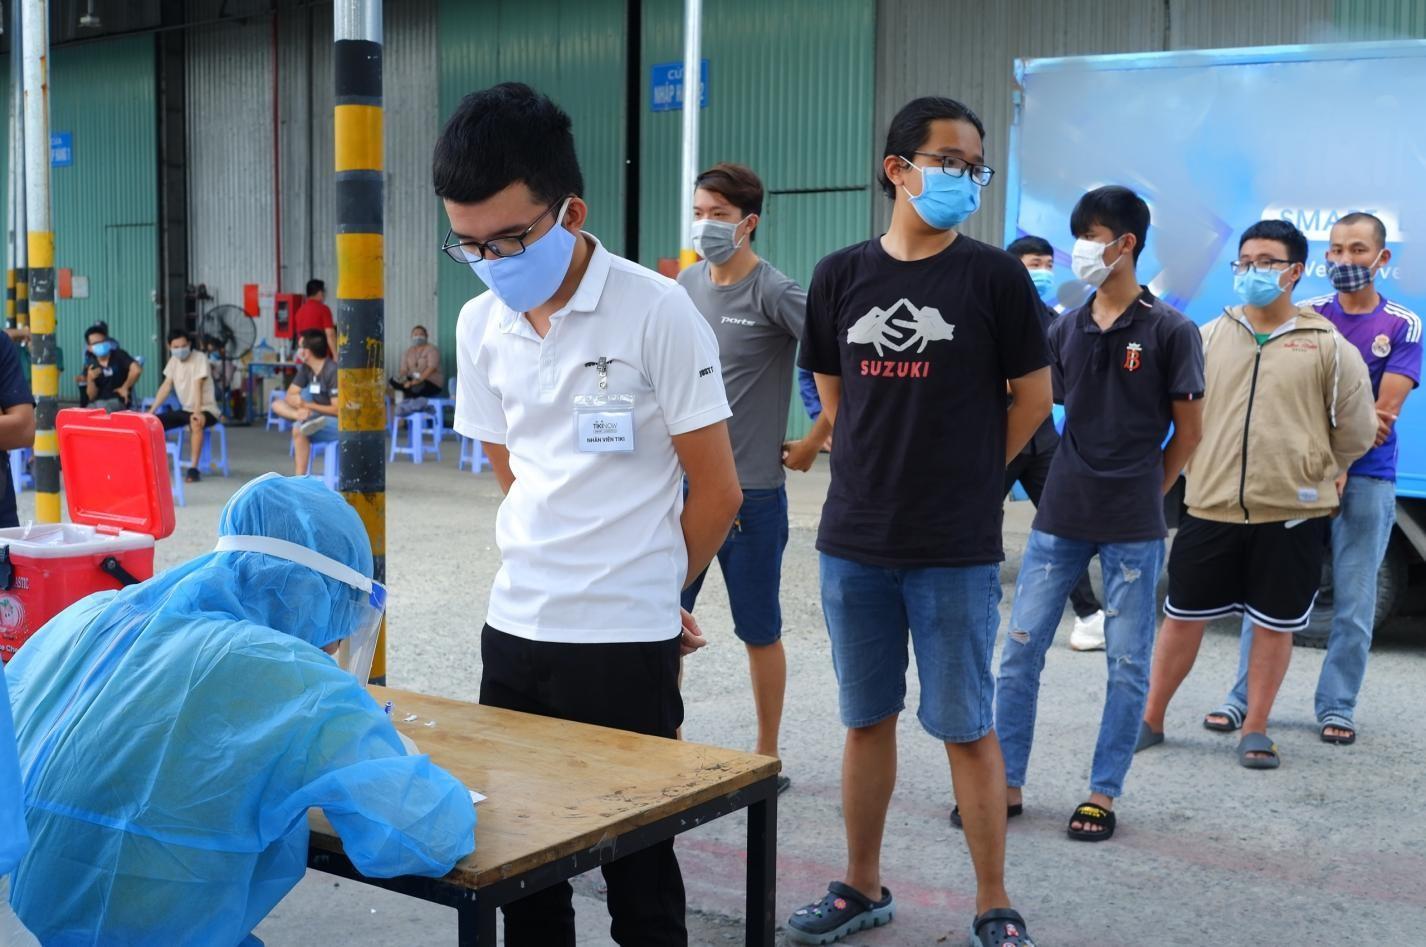 Lấy mẫu xét nghiệm cho công nhân tại Khu công nghiệp Vĩnh Lộc